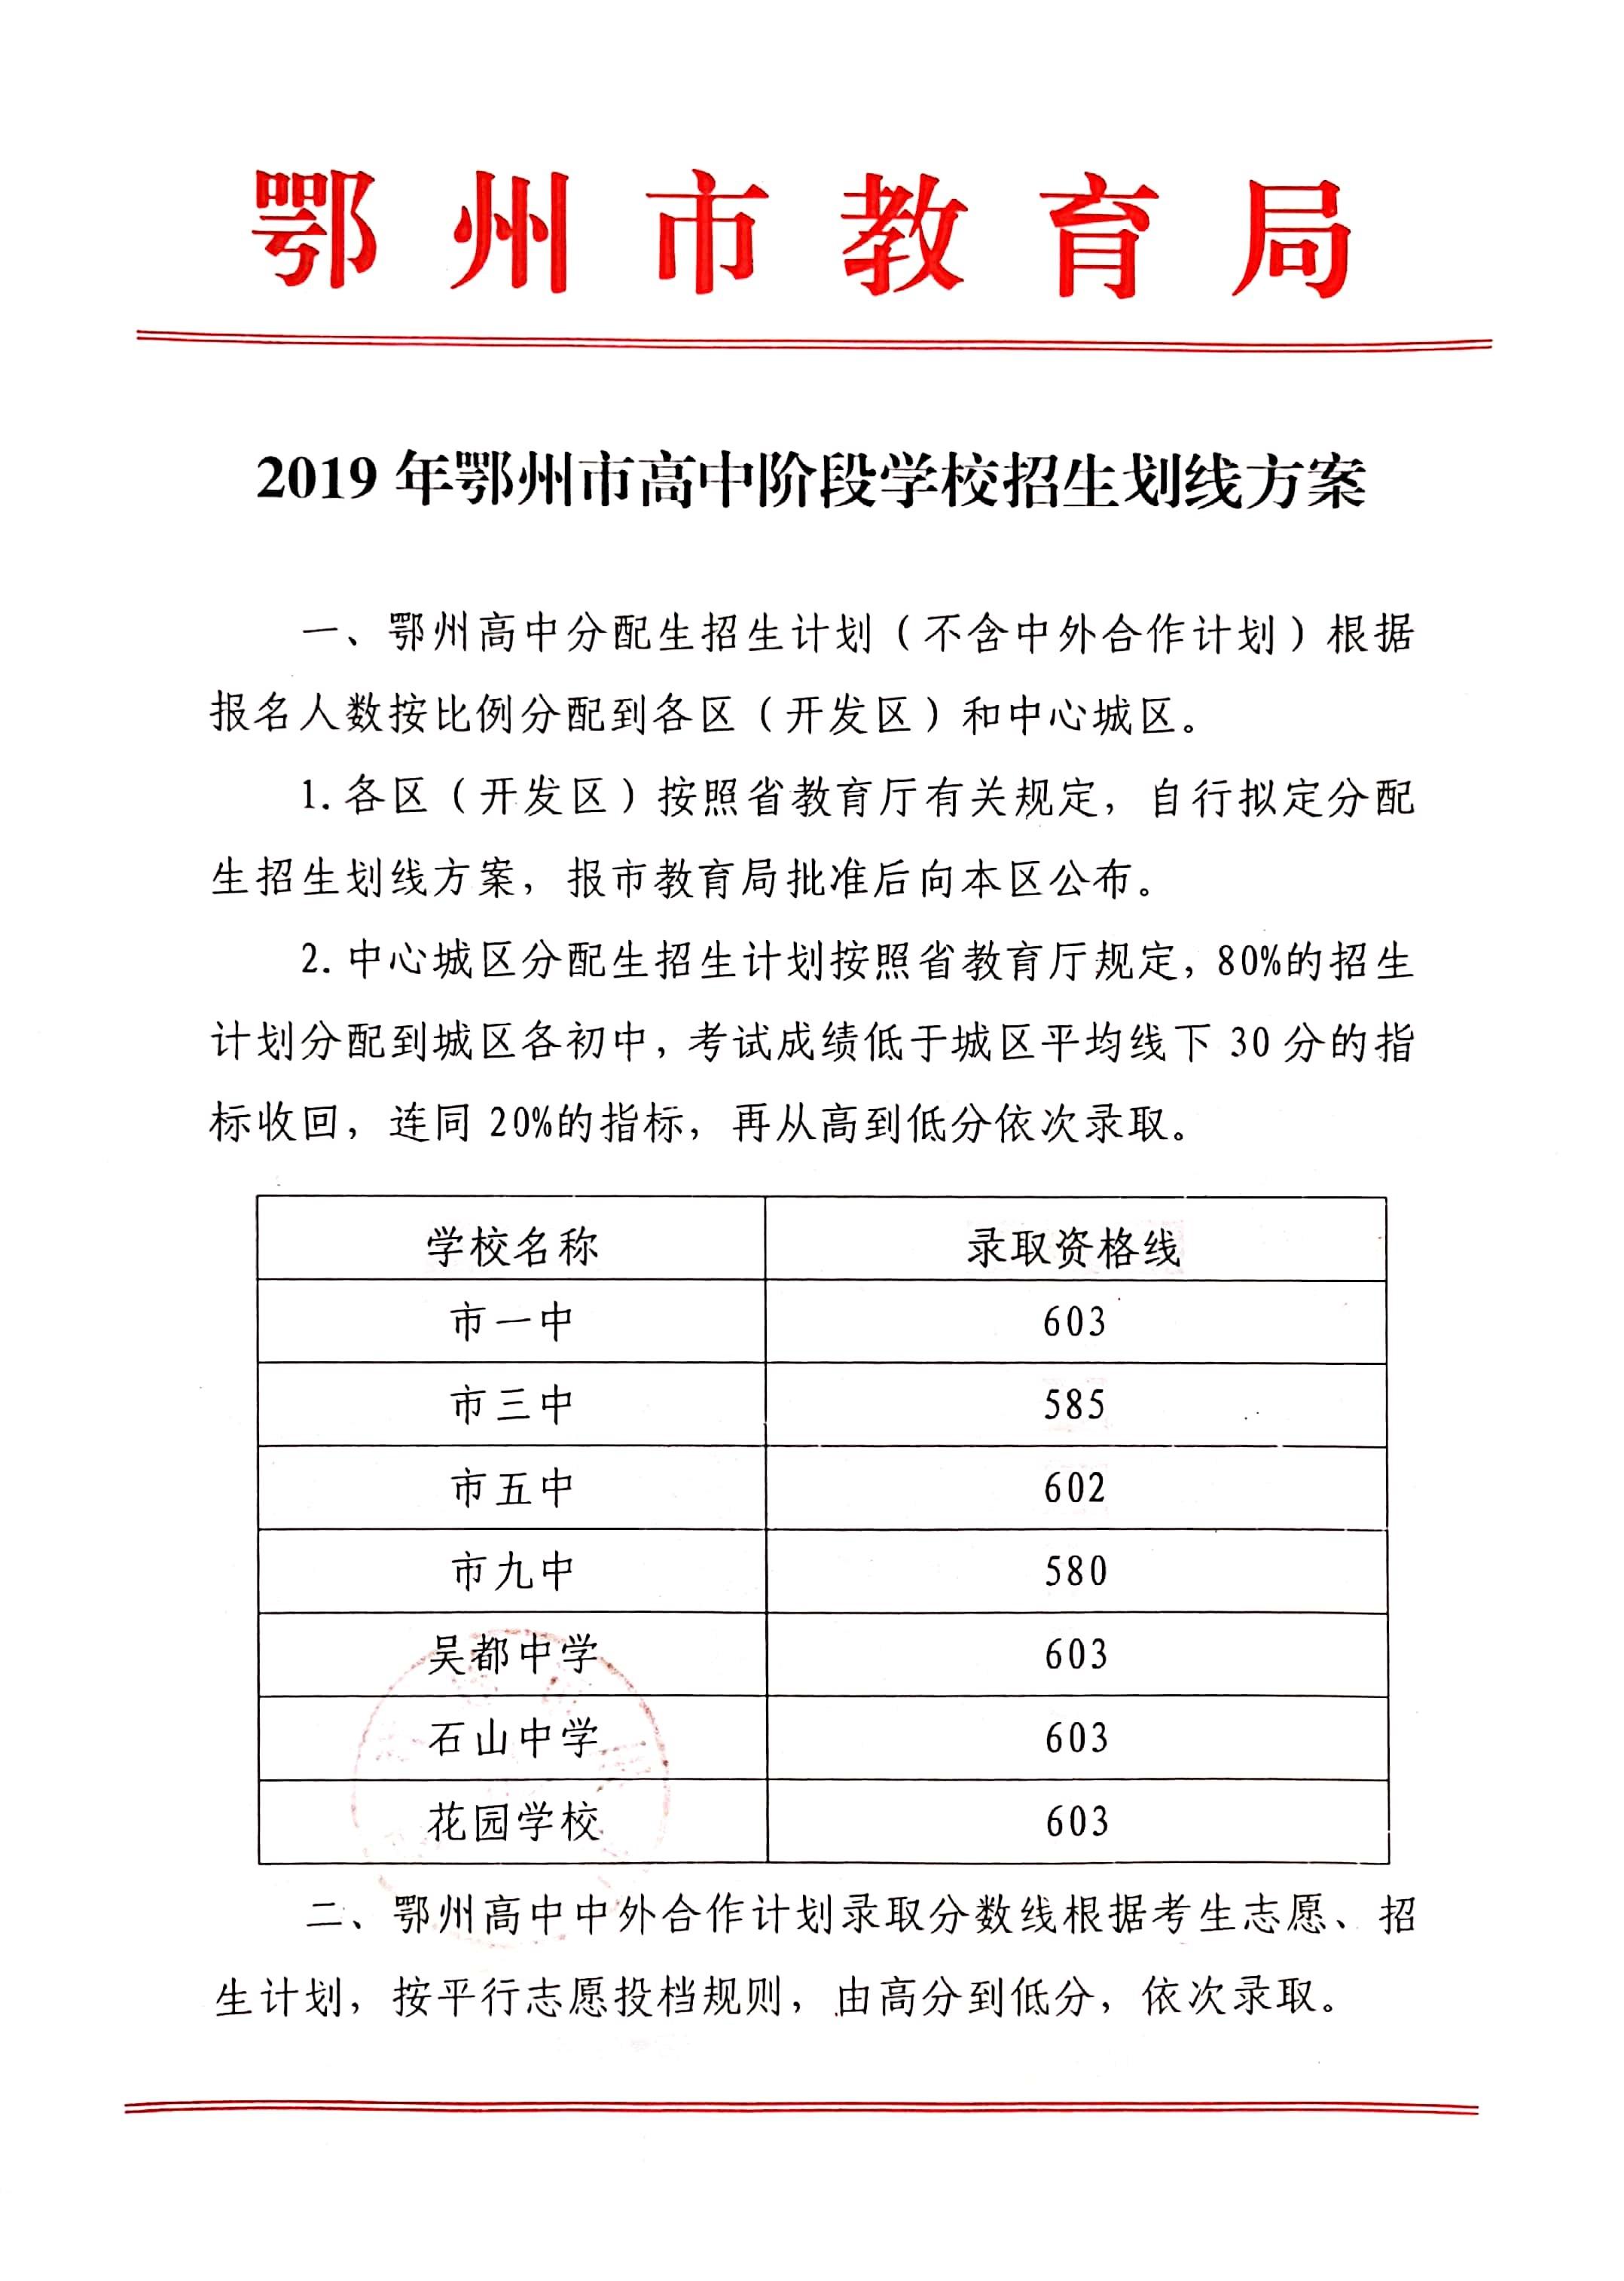 2019年湖北鄂州中考高中录取分数线